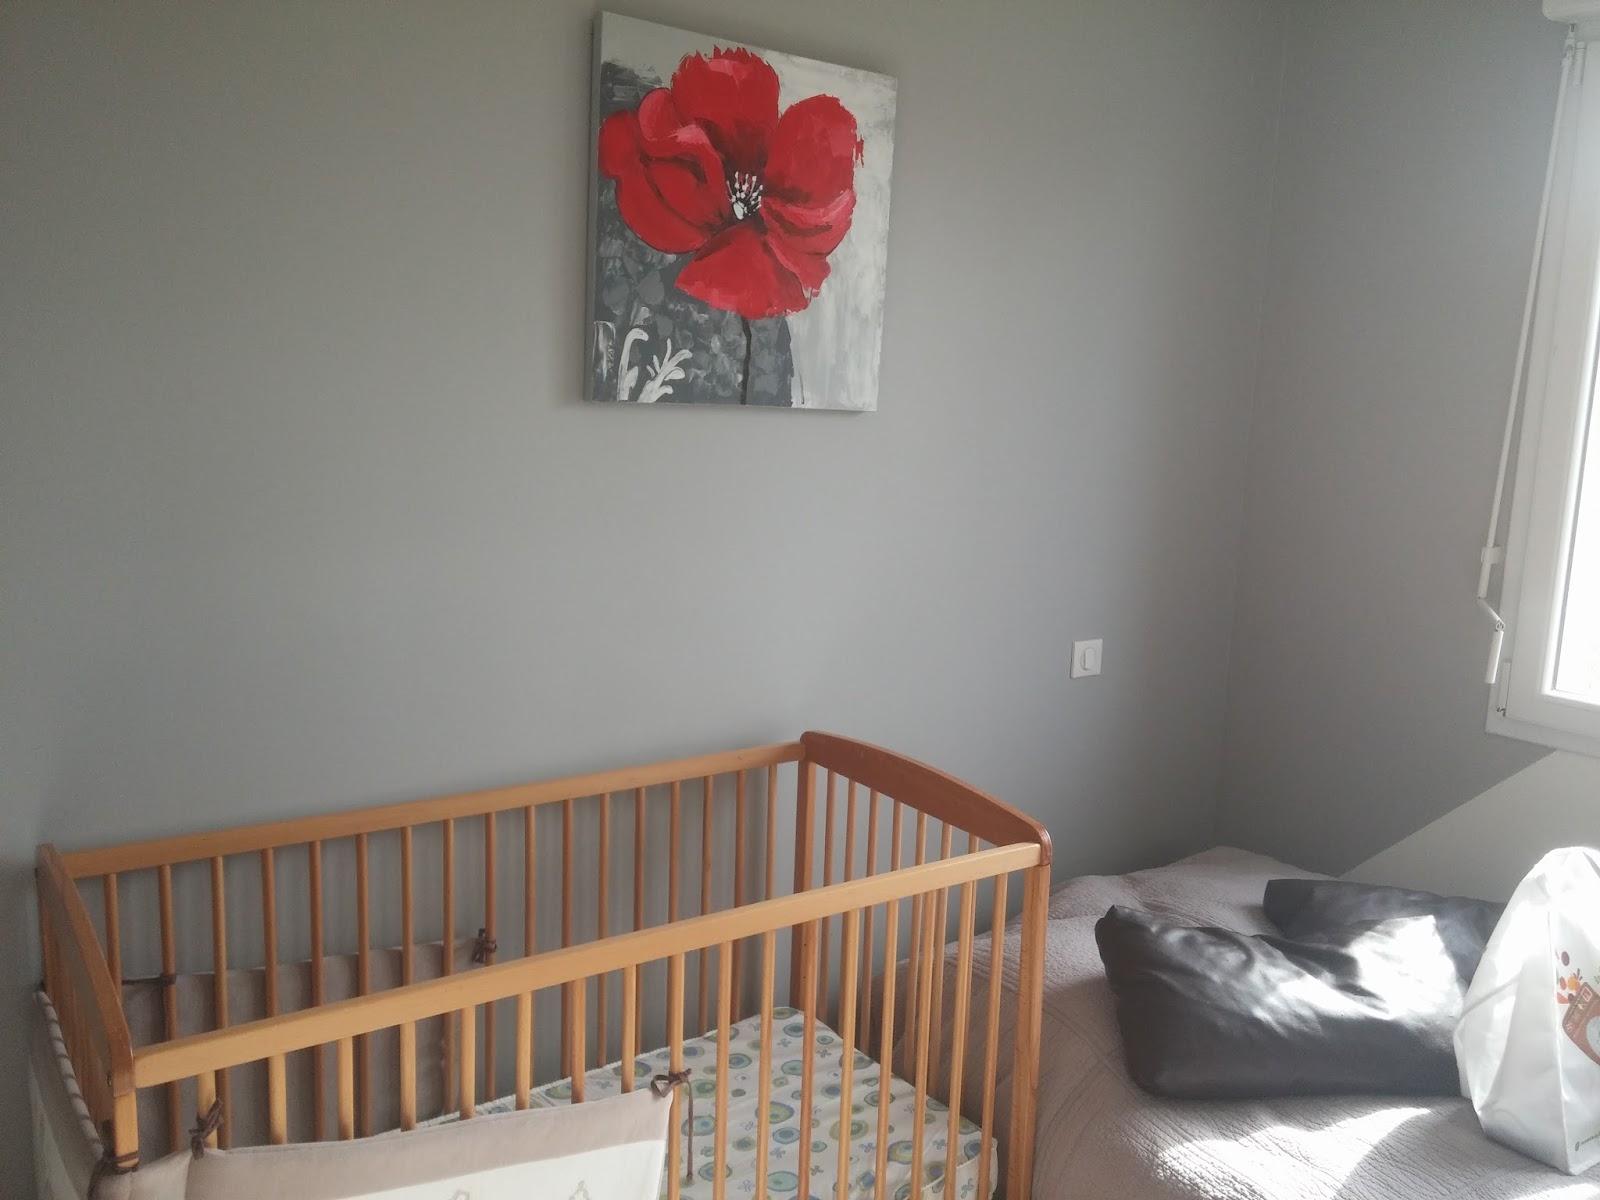 Une chambre dans un dressing milune la vie d 39 une nounou for 2 bebes dans la meme chambre